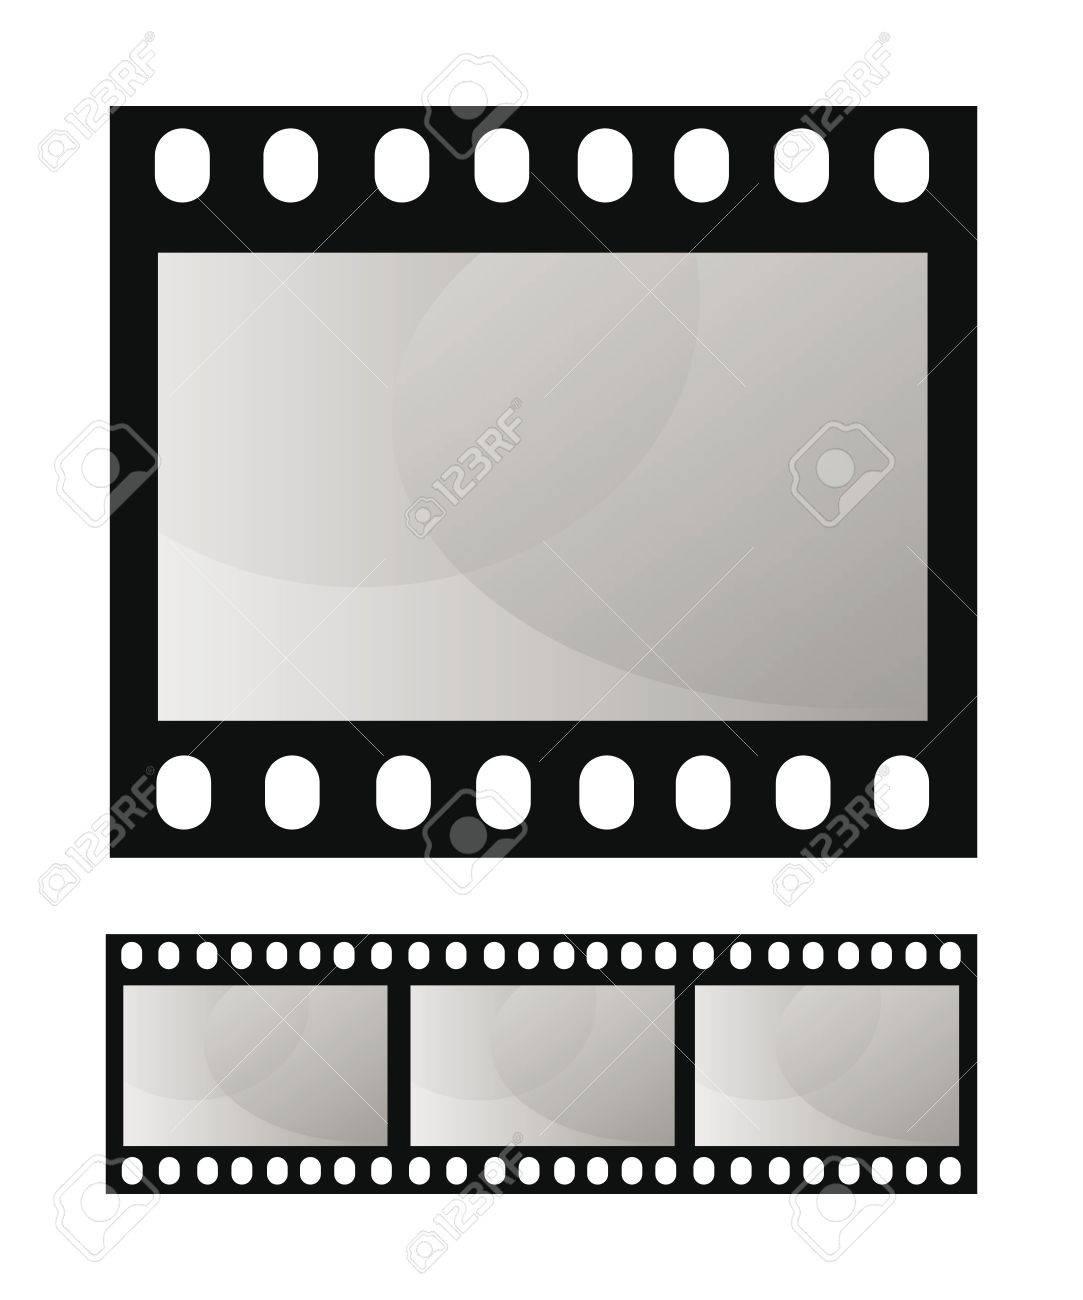 Vektor Vorlage Foto Film Frame über Weißem Hintergrund Lizenzfrei